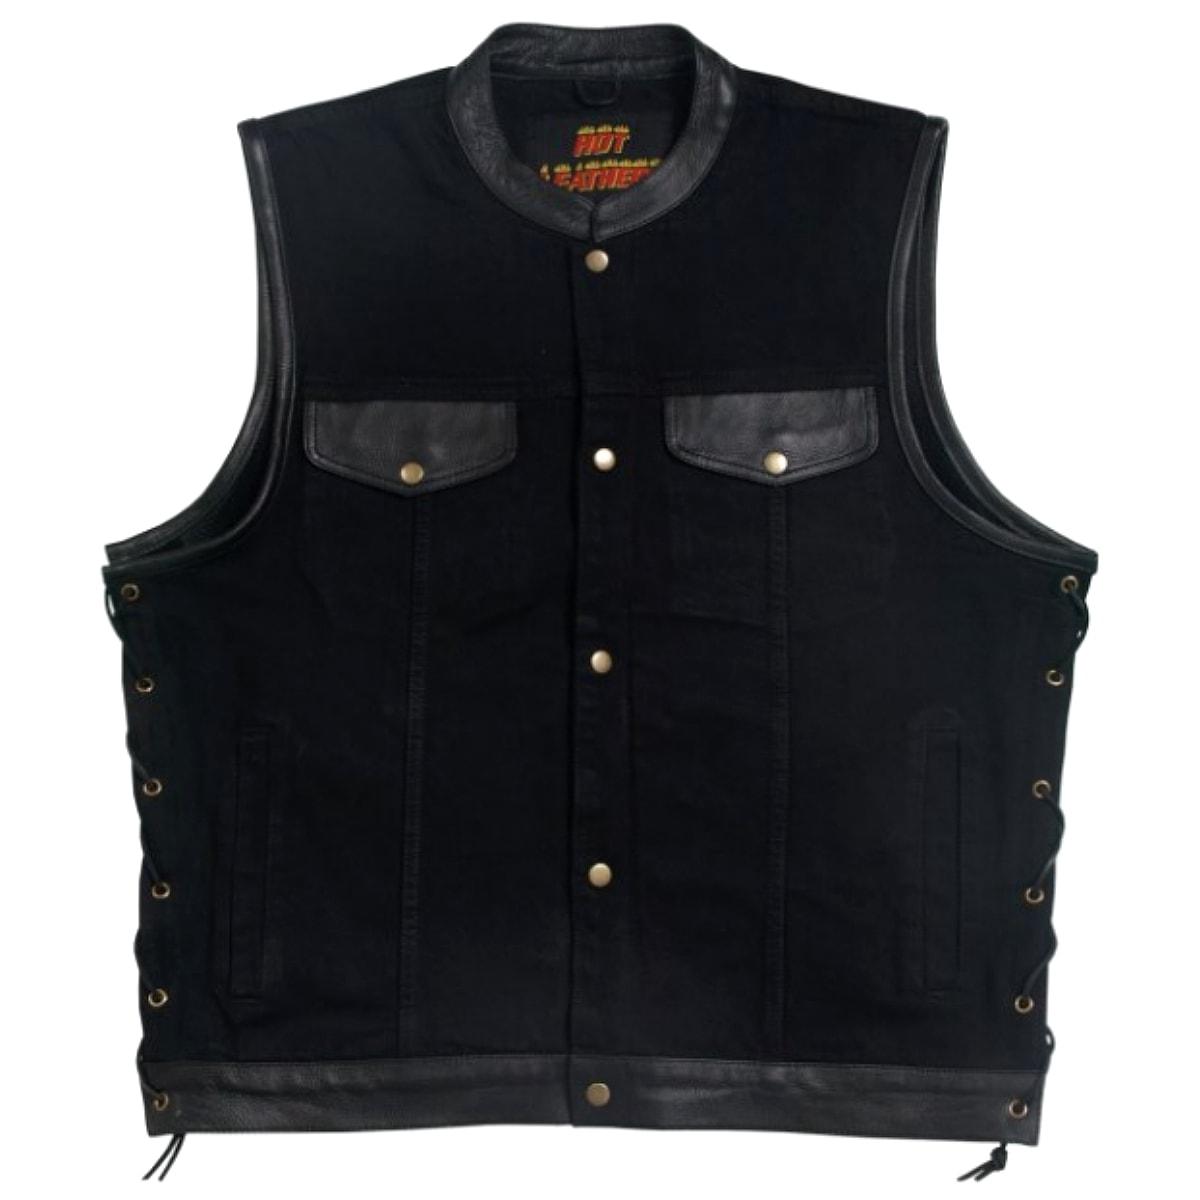 【送料無料!】日本未発売!米国直輸入! ホットレザー サイドレースアップ ブラック デニム & レザー ベスト! ウエスト調節可能な両側編み上げスタイル! メンズ ノースリーブ バイクジャケット [Black Denim and Leather Vest] 黒 本革 バイクに! 大きいサイズ